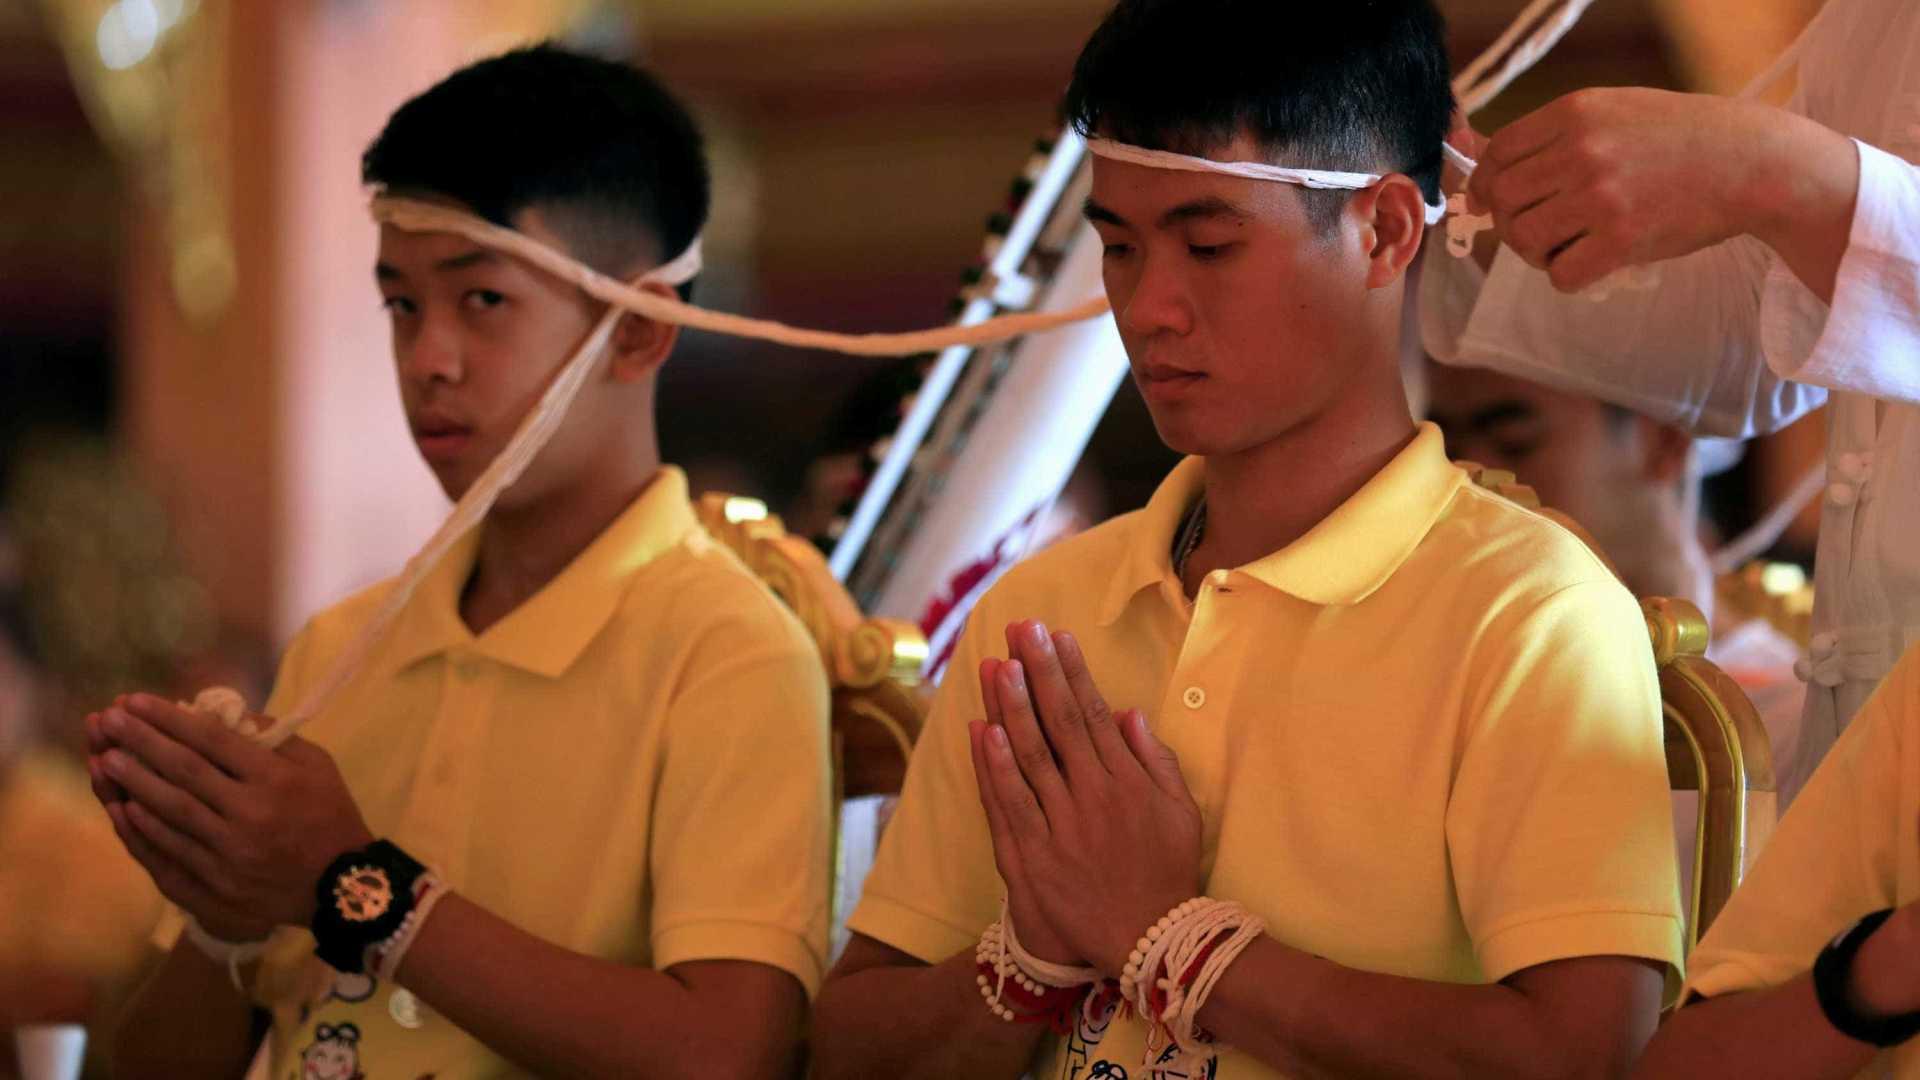 naom 5b55faa3b18cb - Jovens resgatados de caverna na Tailândia viram monges